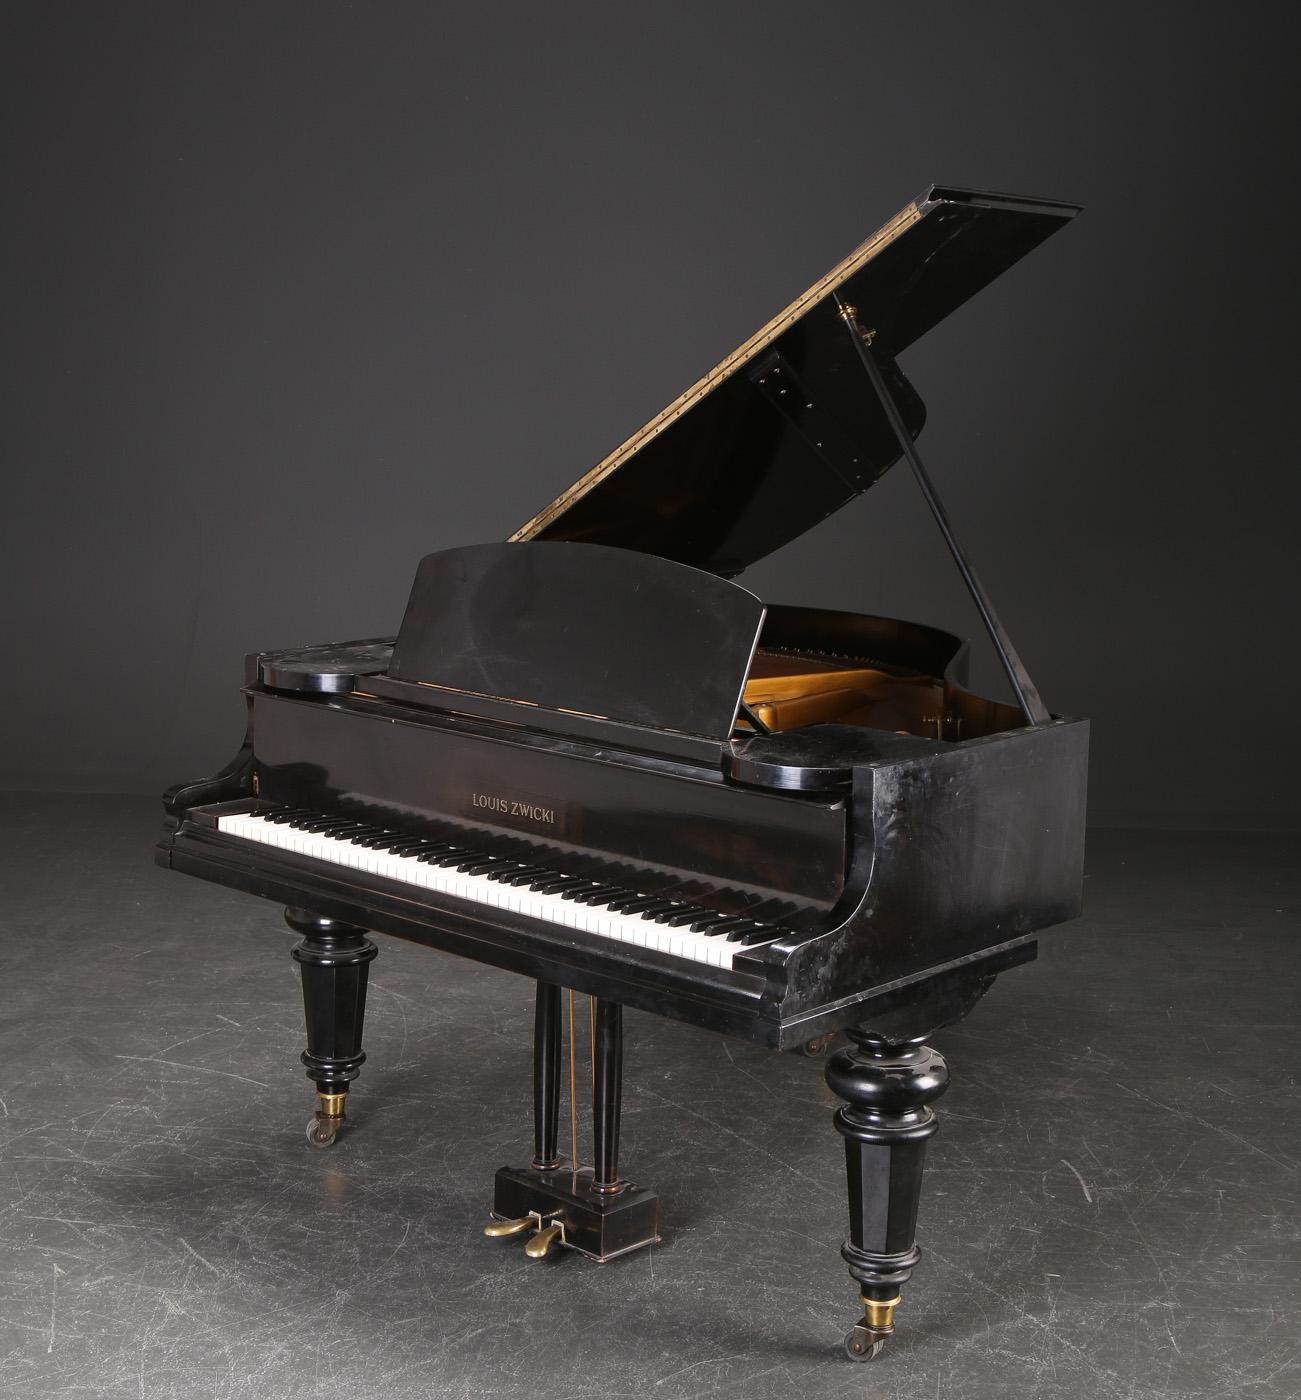 Louis Zwicki. Baby Grand Piano - Louis Zwicki. Baby Grand Piano. Sort pianolak, ramme stemplet Hagspiel. H. ca. 97, B. 145, D. ca. 153 cm.Lak med ridser, skrammer og enkelte rep. Nøglebeslag mangler. Flyglet skal stemmes